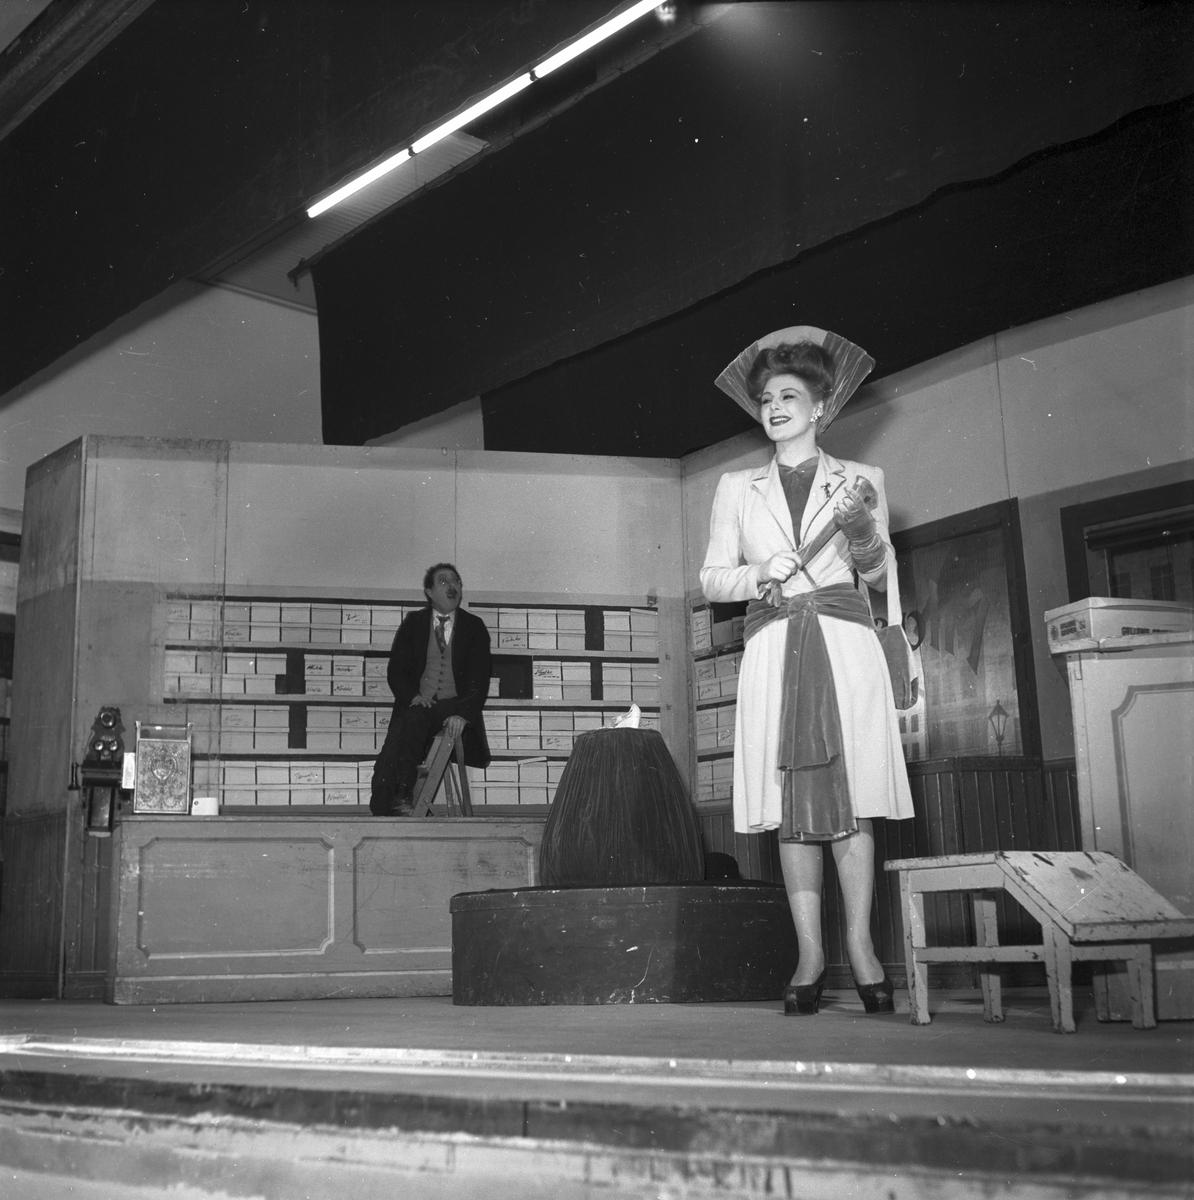 """Operett """" Min syster och jag"""" första föreställningen på Folkets Hus. 26 april 1947. Skådespelerskan Maj-Lis Lüning. Reportage för Arbetarbladet."""